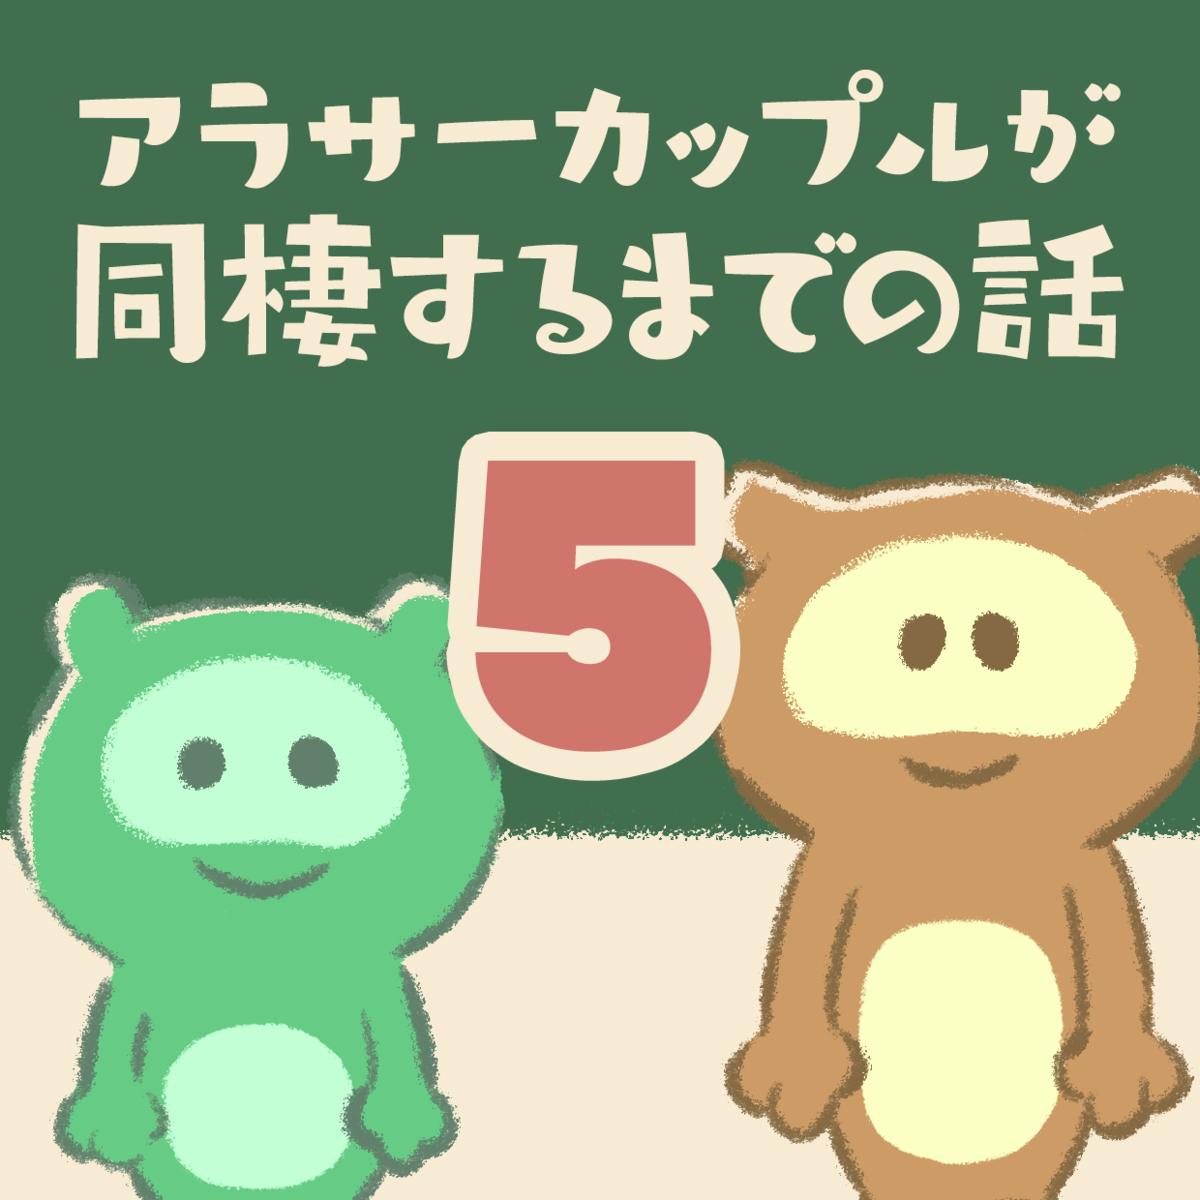 アラサーカップルのエッセイ漫画【同棲するまでの話5】